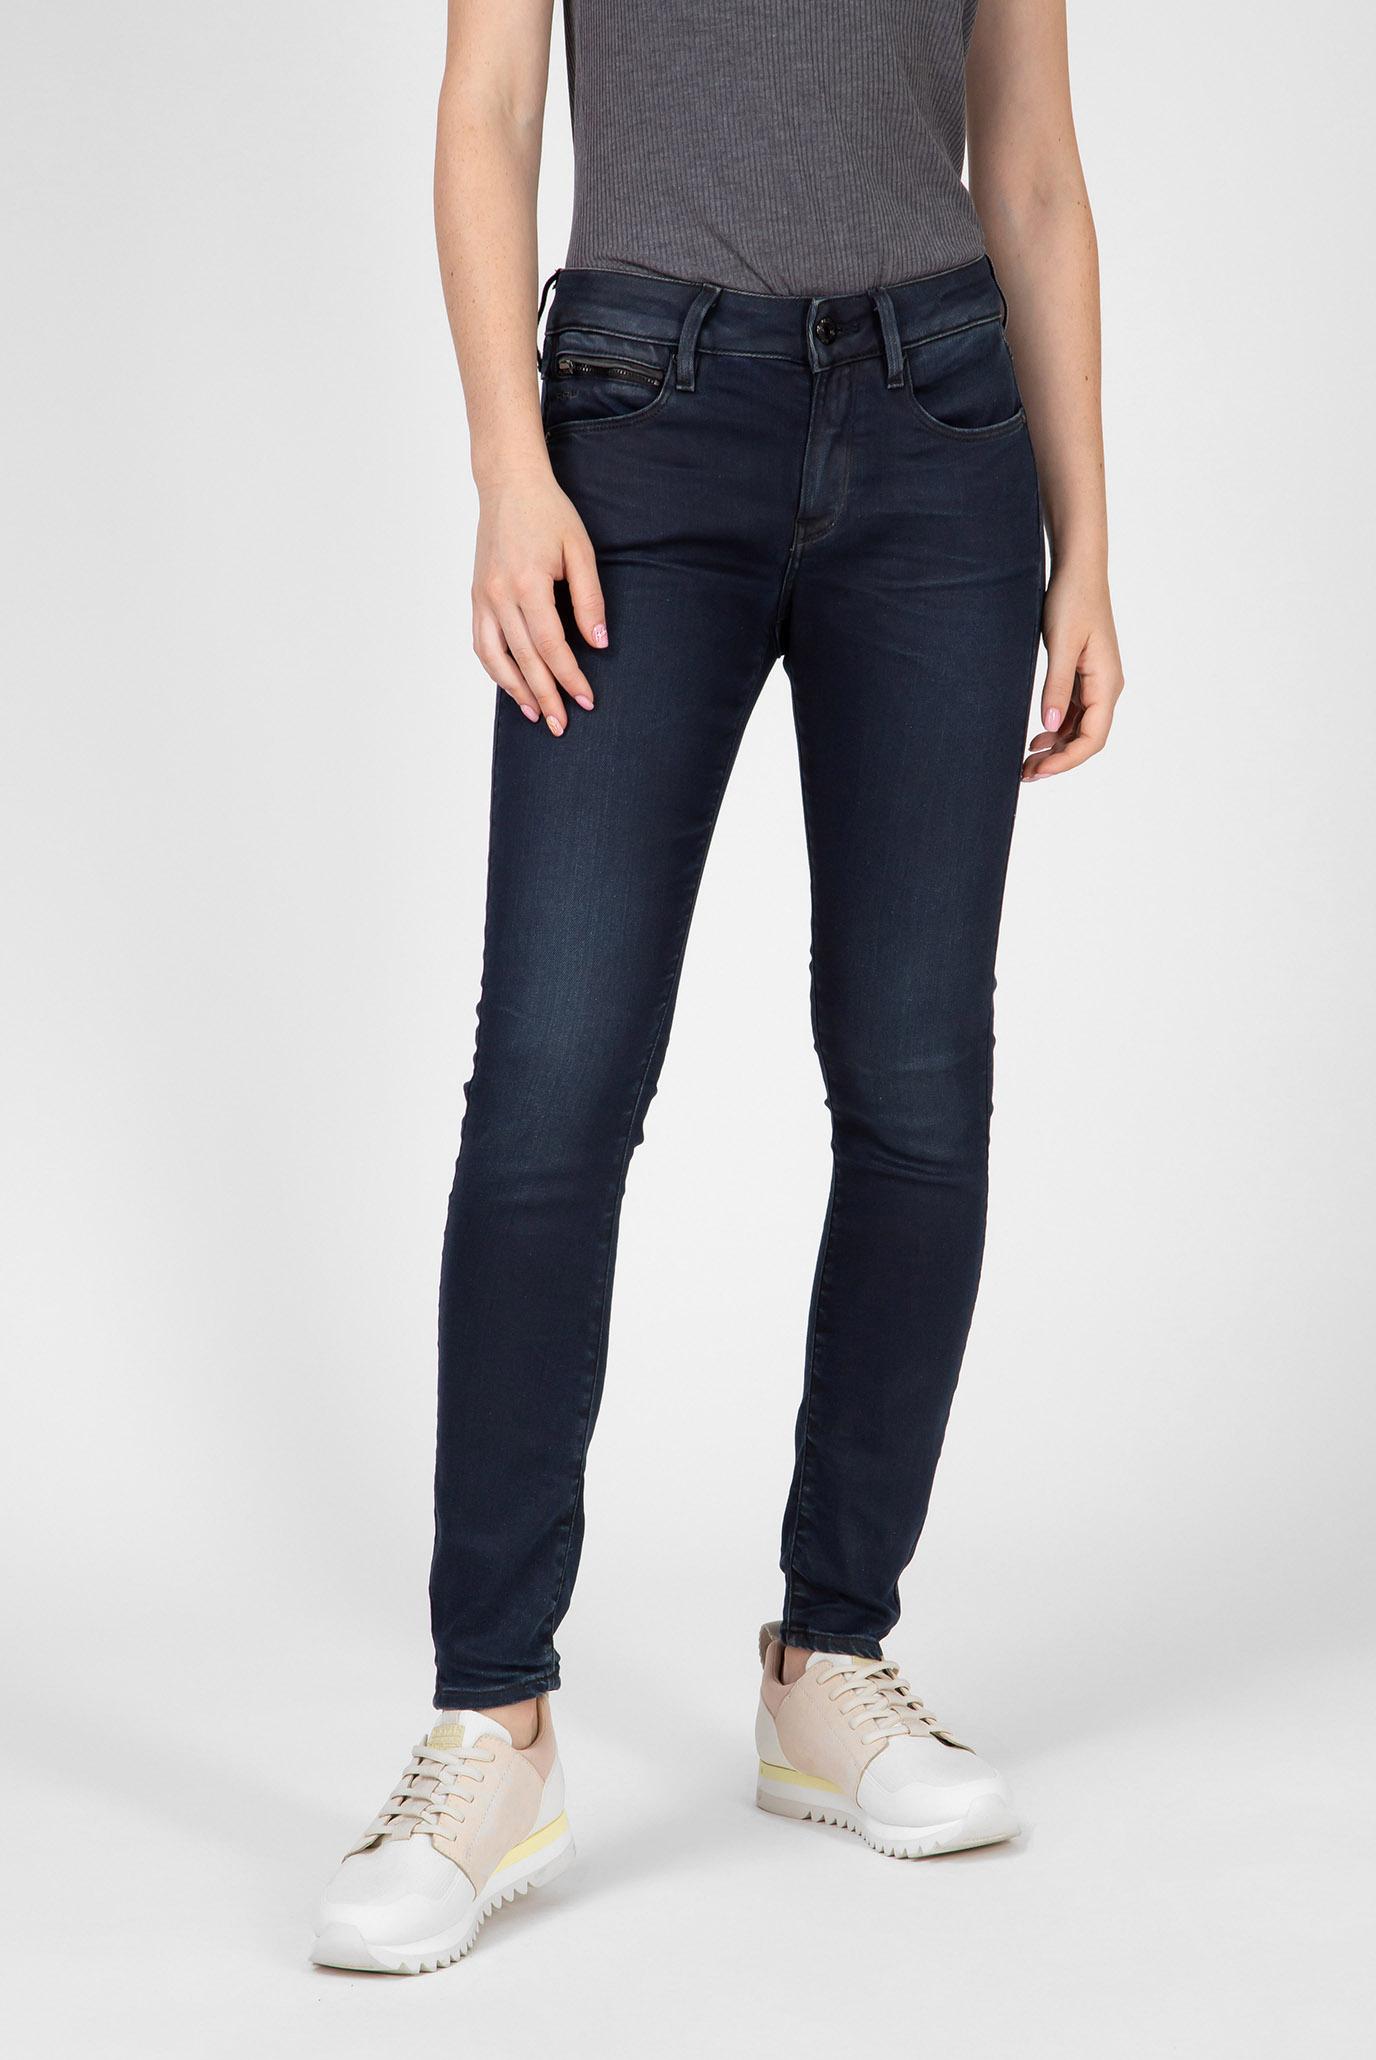 Купить Женские темно-синие джинсы 3301 Studs Mid Skinny Wmn G-Star RAW G-Star RAW D12902,9615 – Киев, Украина. Цены в интернет магазине MD Fashion